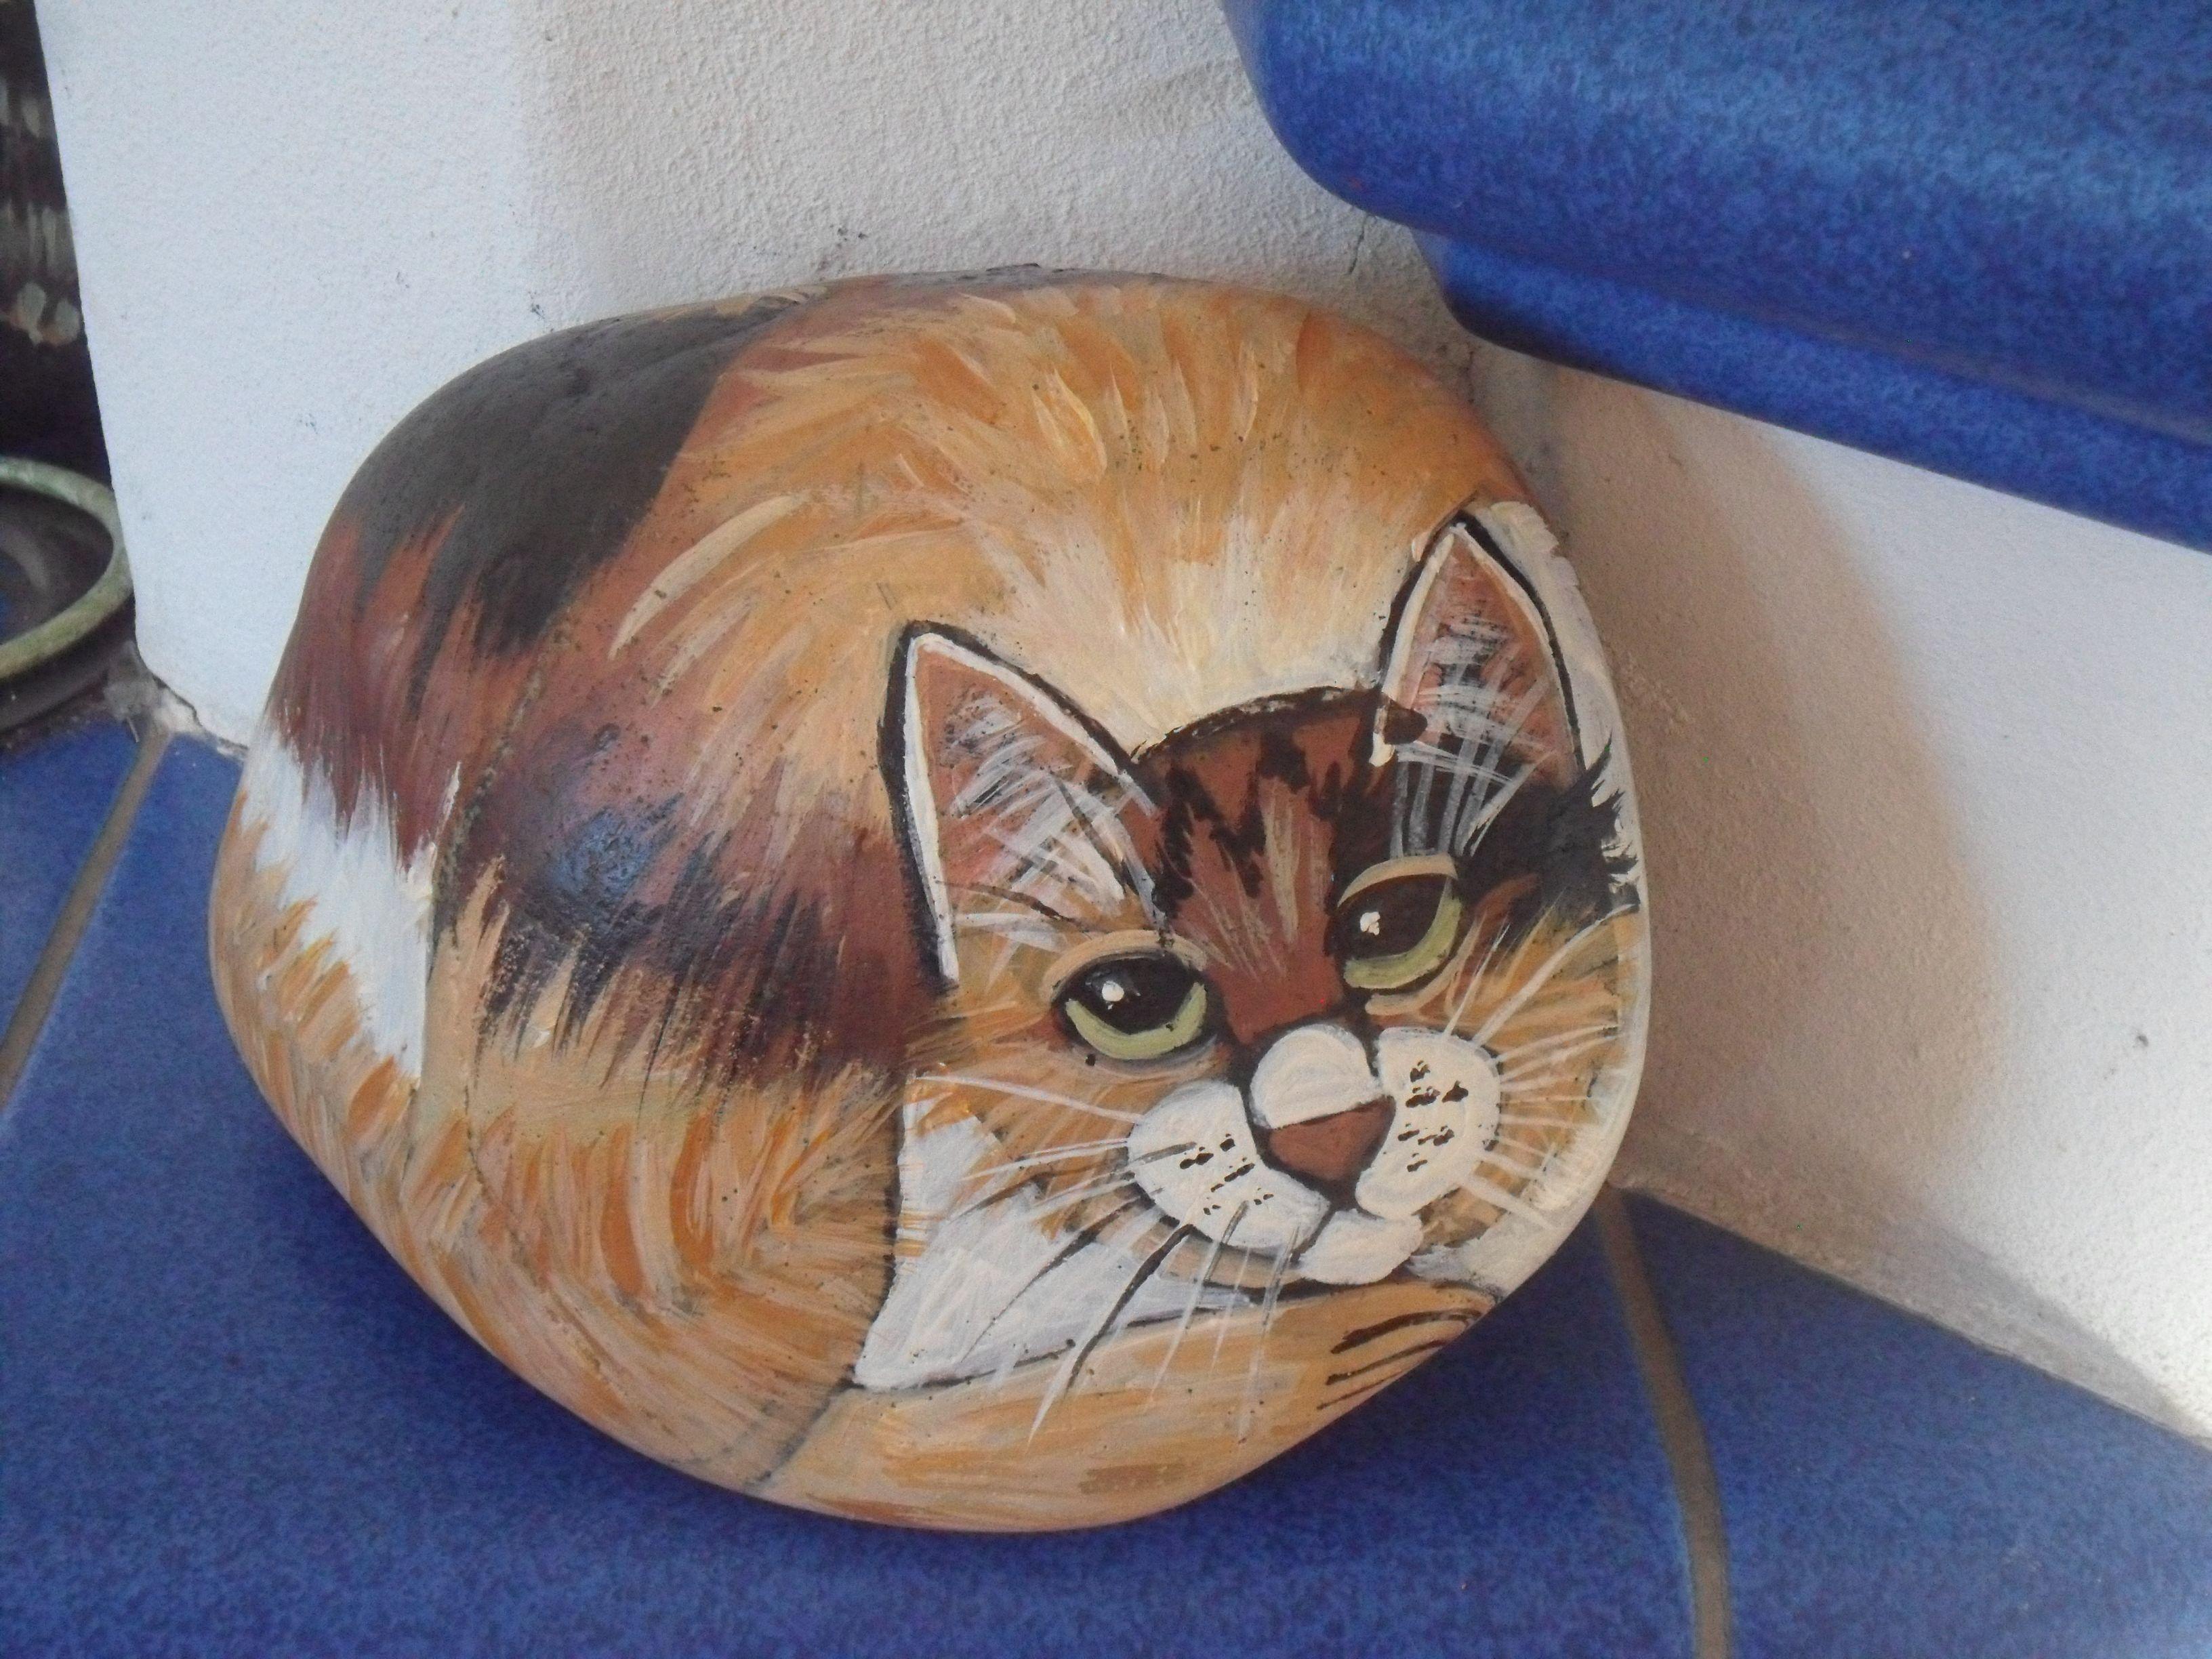 handbemalter stein katze dreifarbig bei ebay bemalter stein bemalte steine katzen tiere auf. Black Bedroom Furniture Sets. Home Design Ideas